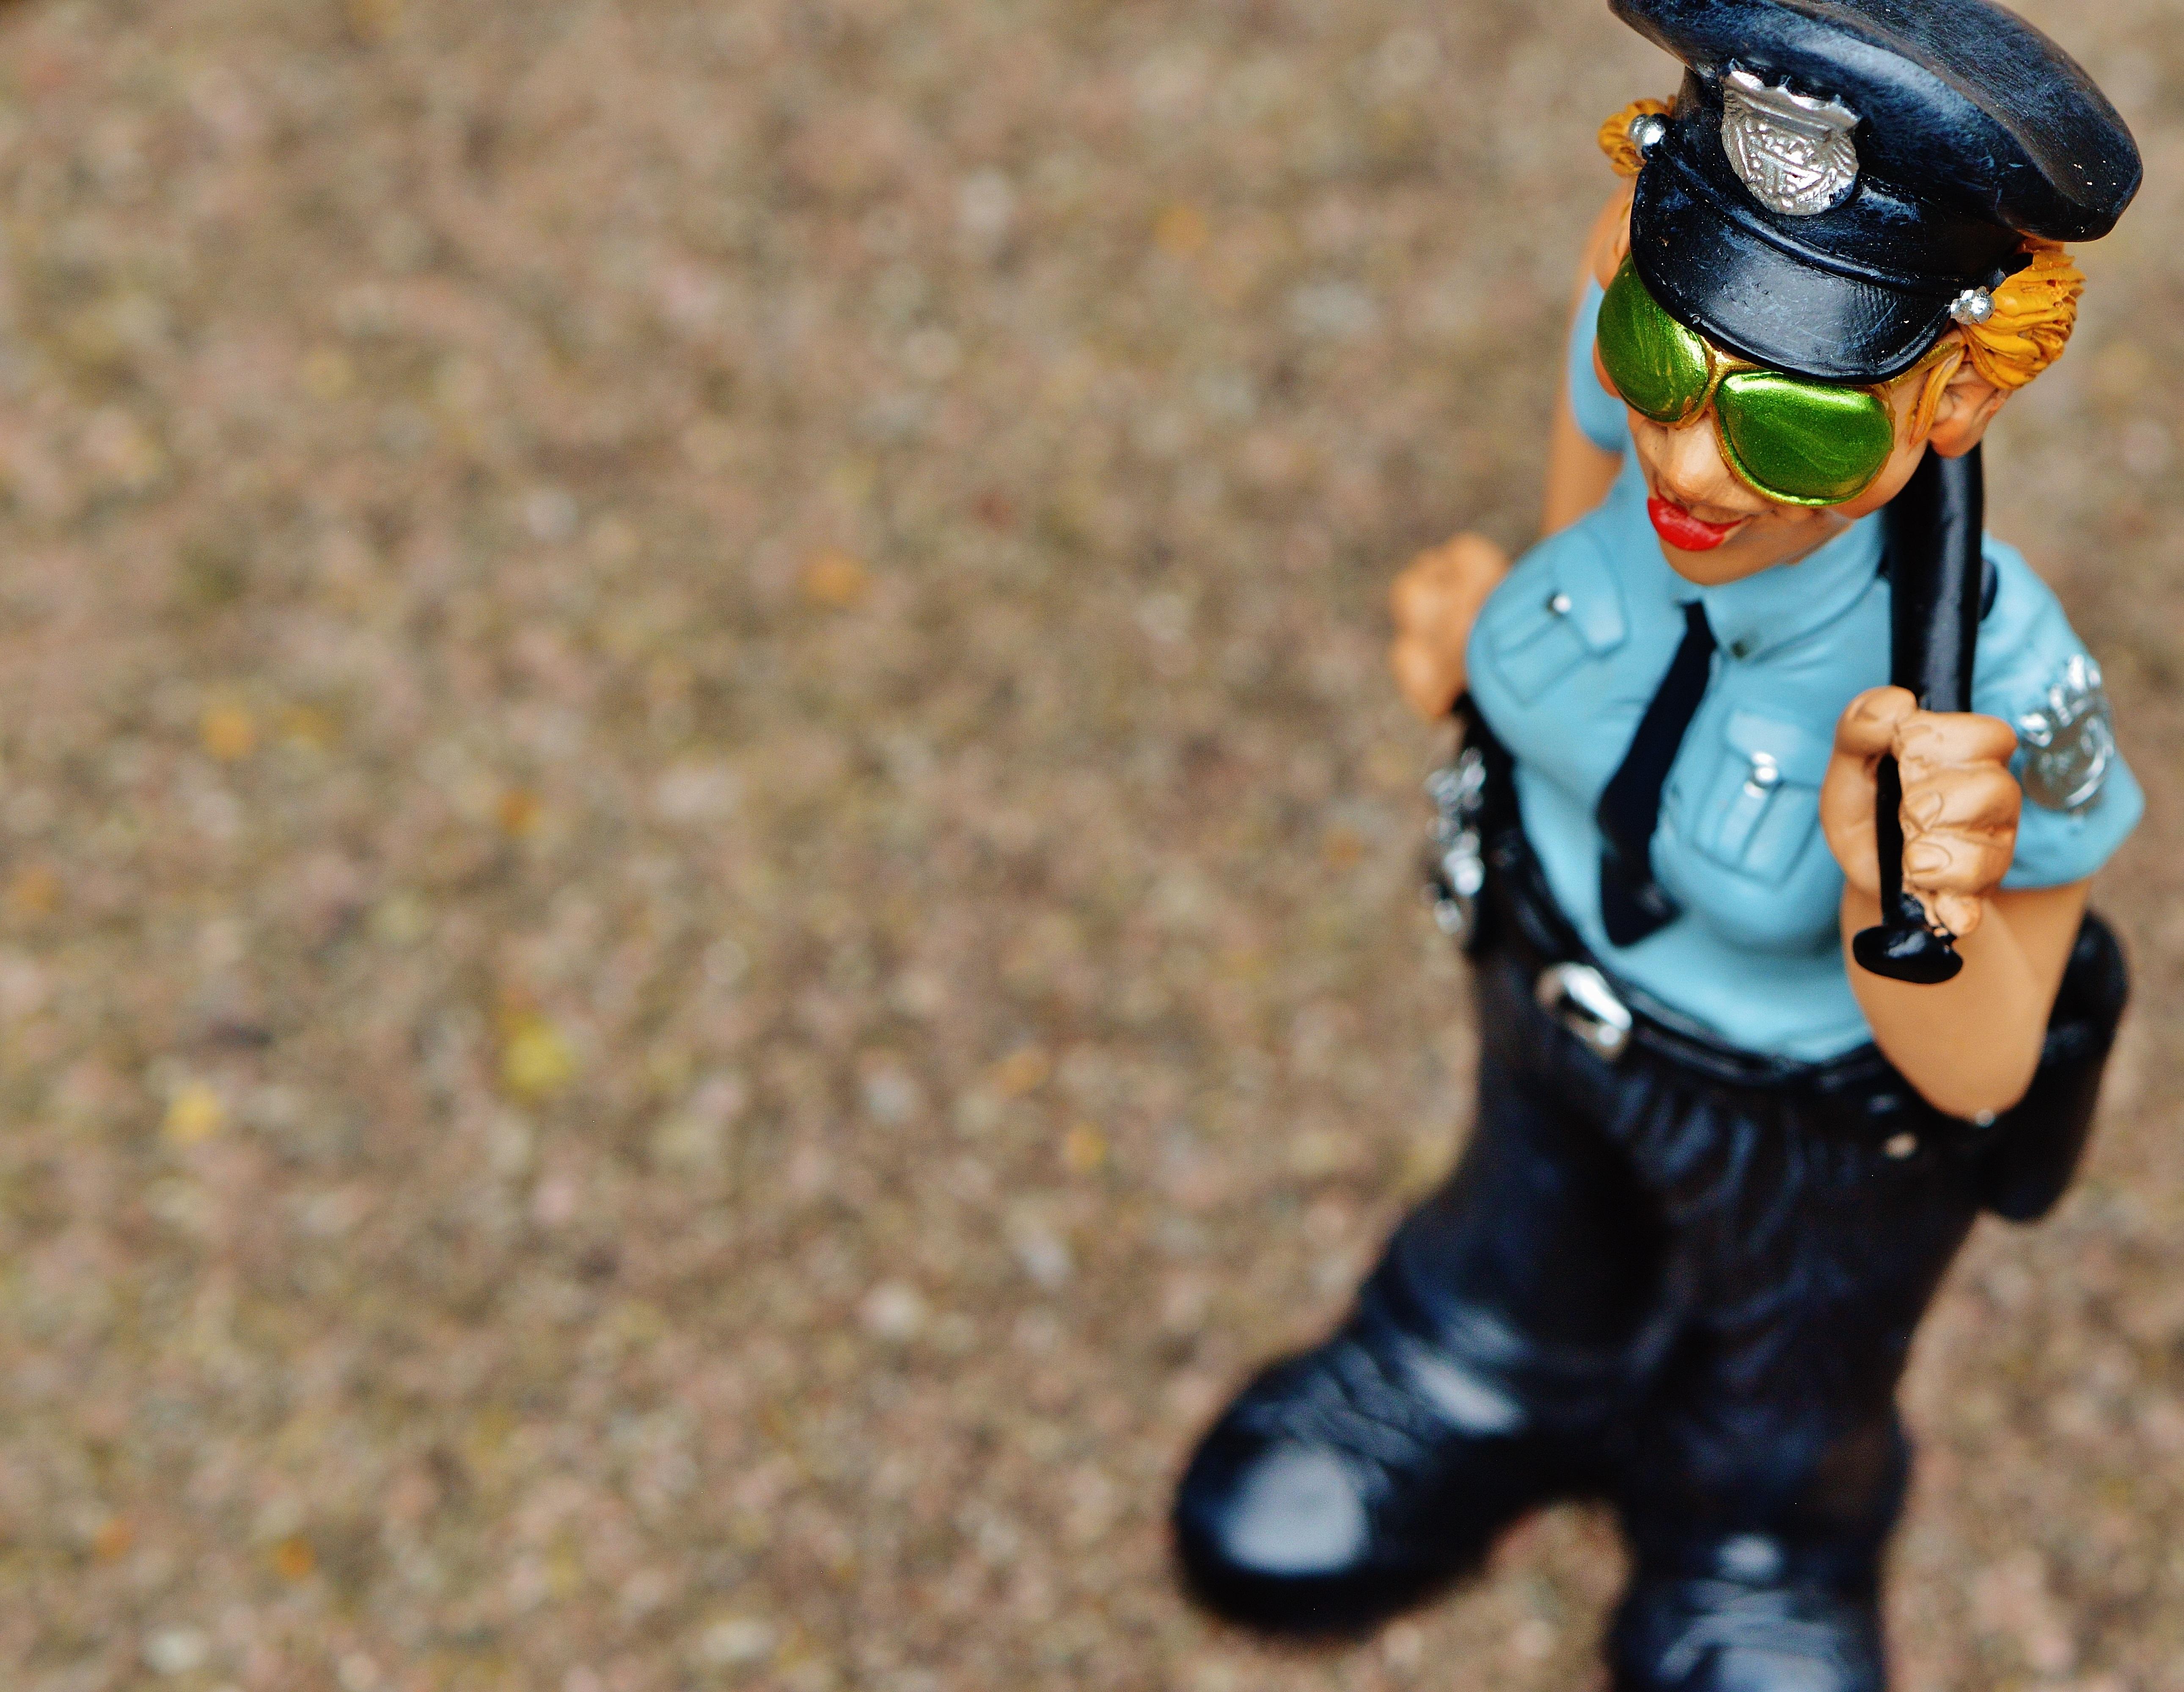 Прикольные картинки полицейских, для амира серп